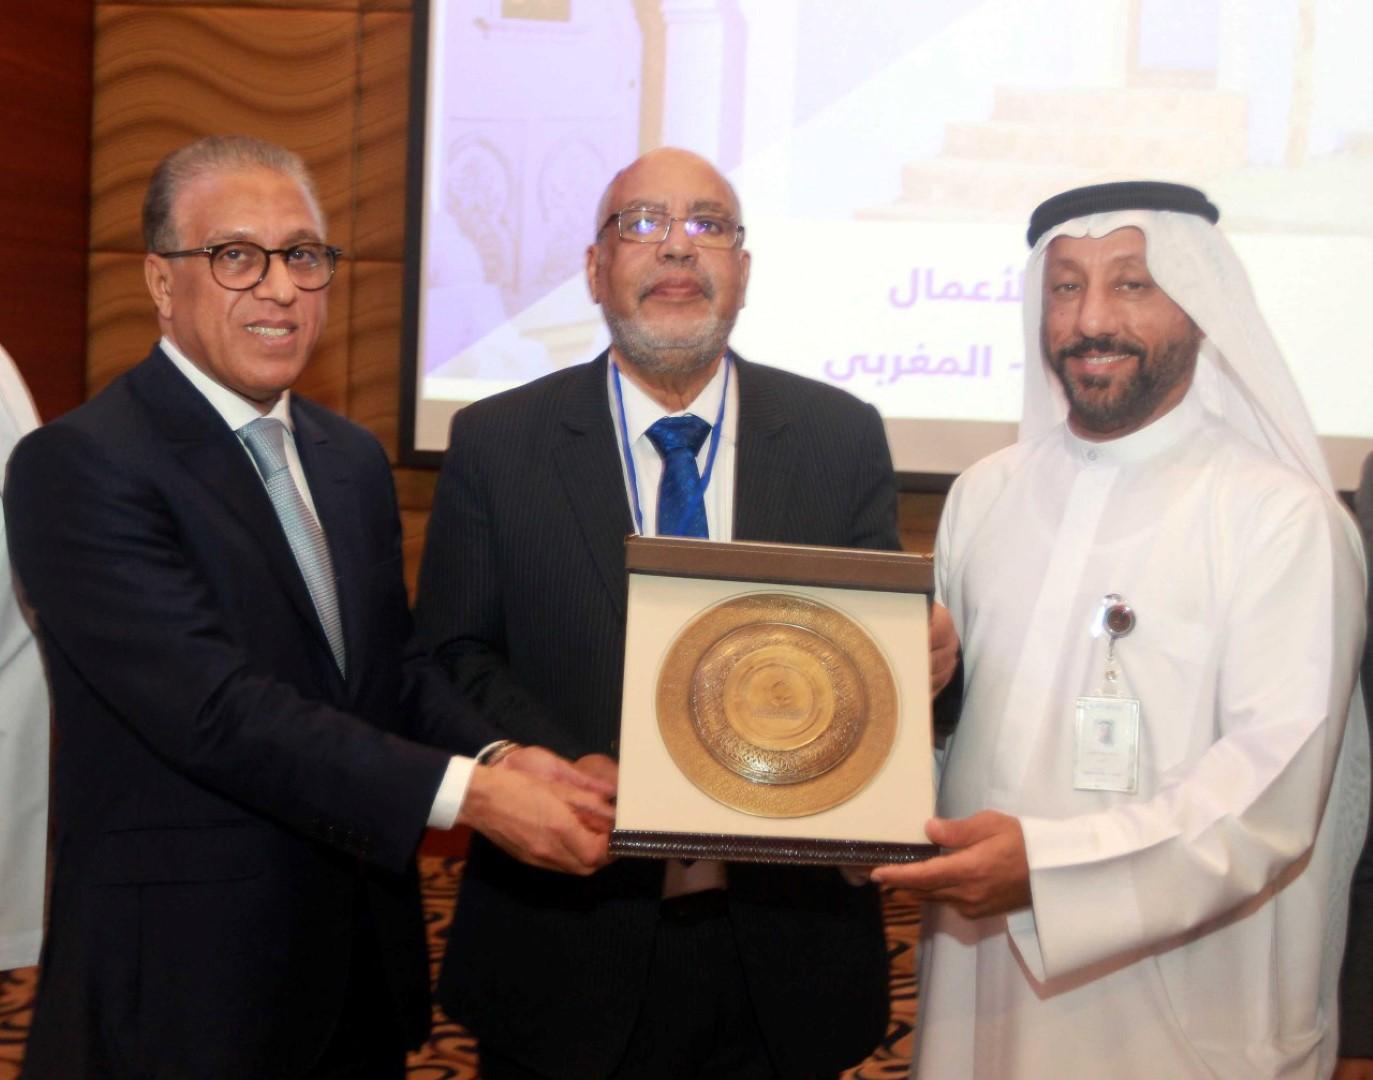 غرفة الشارقة تنظم الملتقى الإماراتي المغربي بالتعاون السفارة المغربية